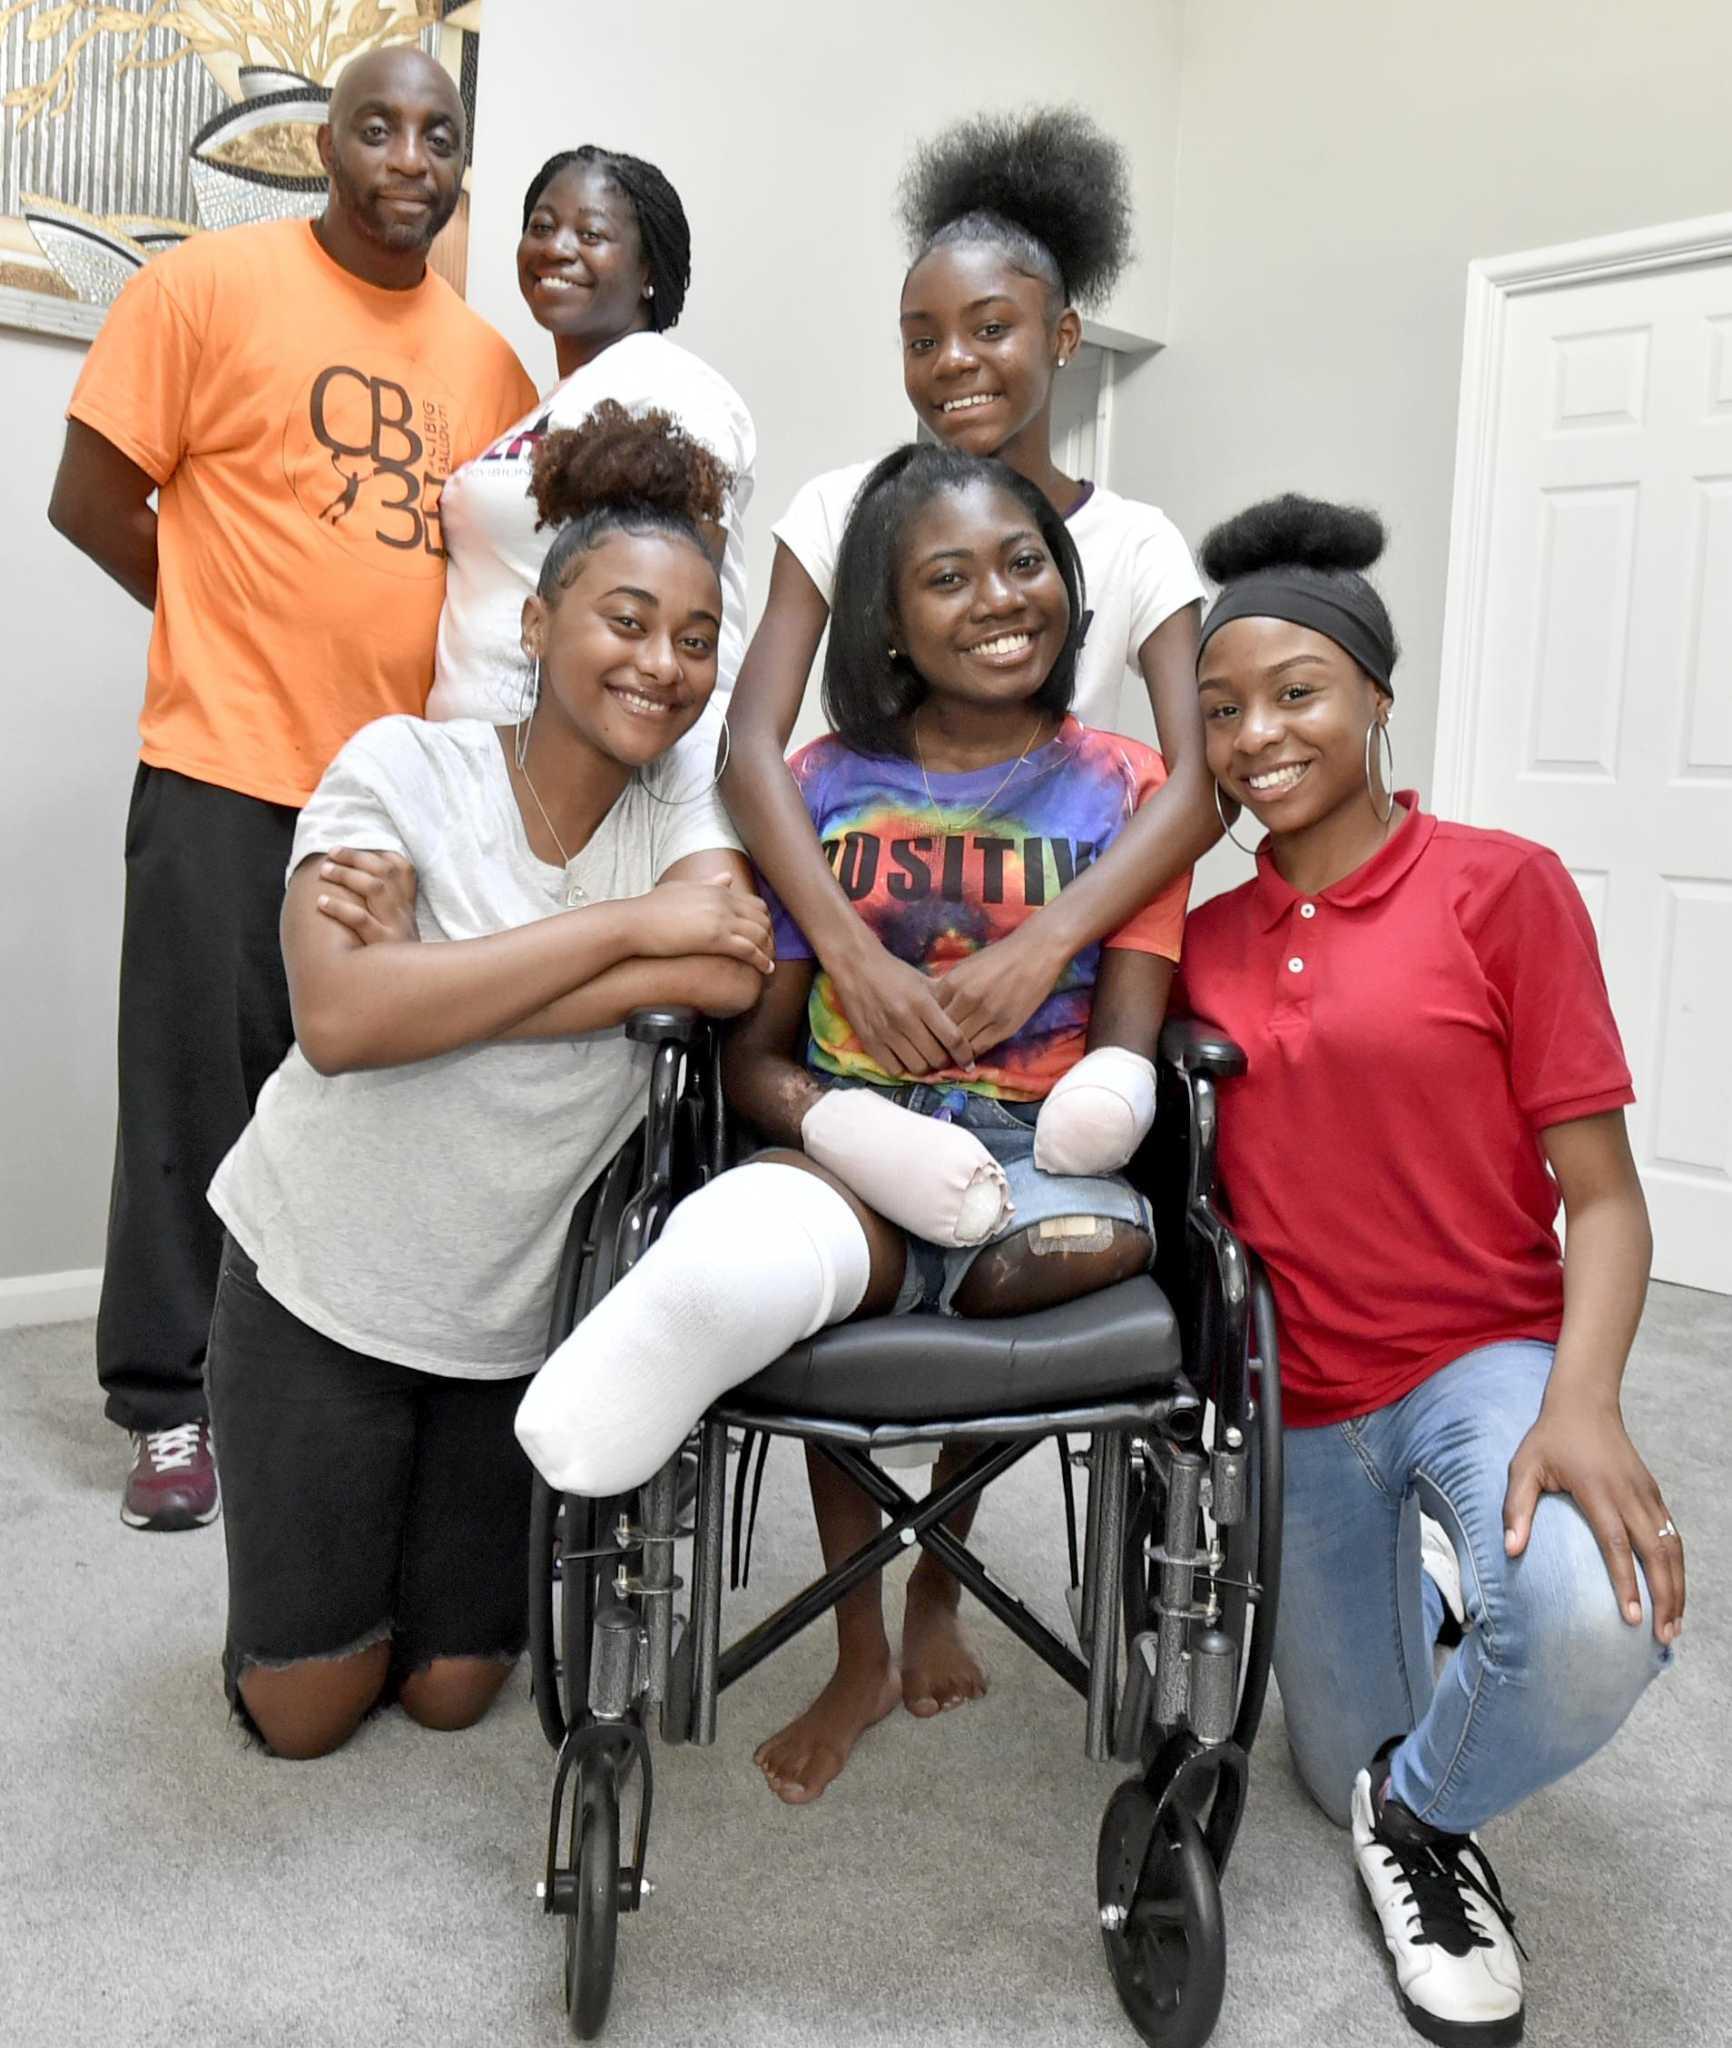 Loss of limbs won't keep Hamden teen's spirit down